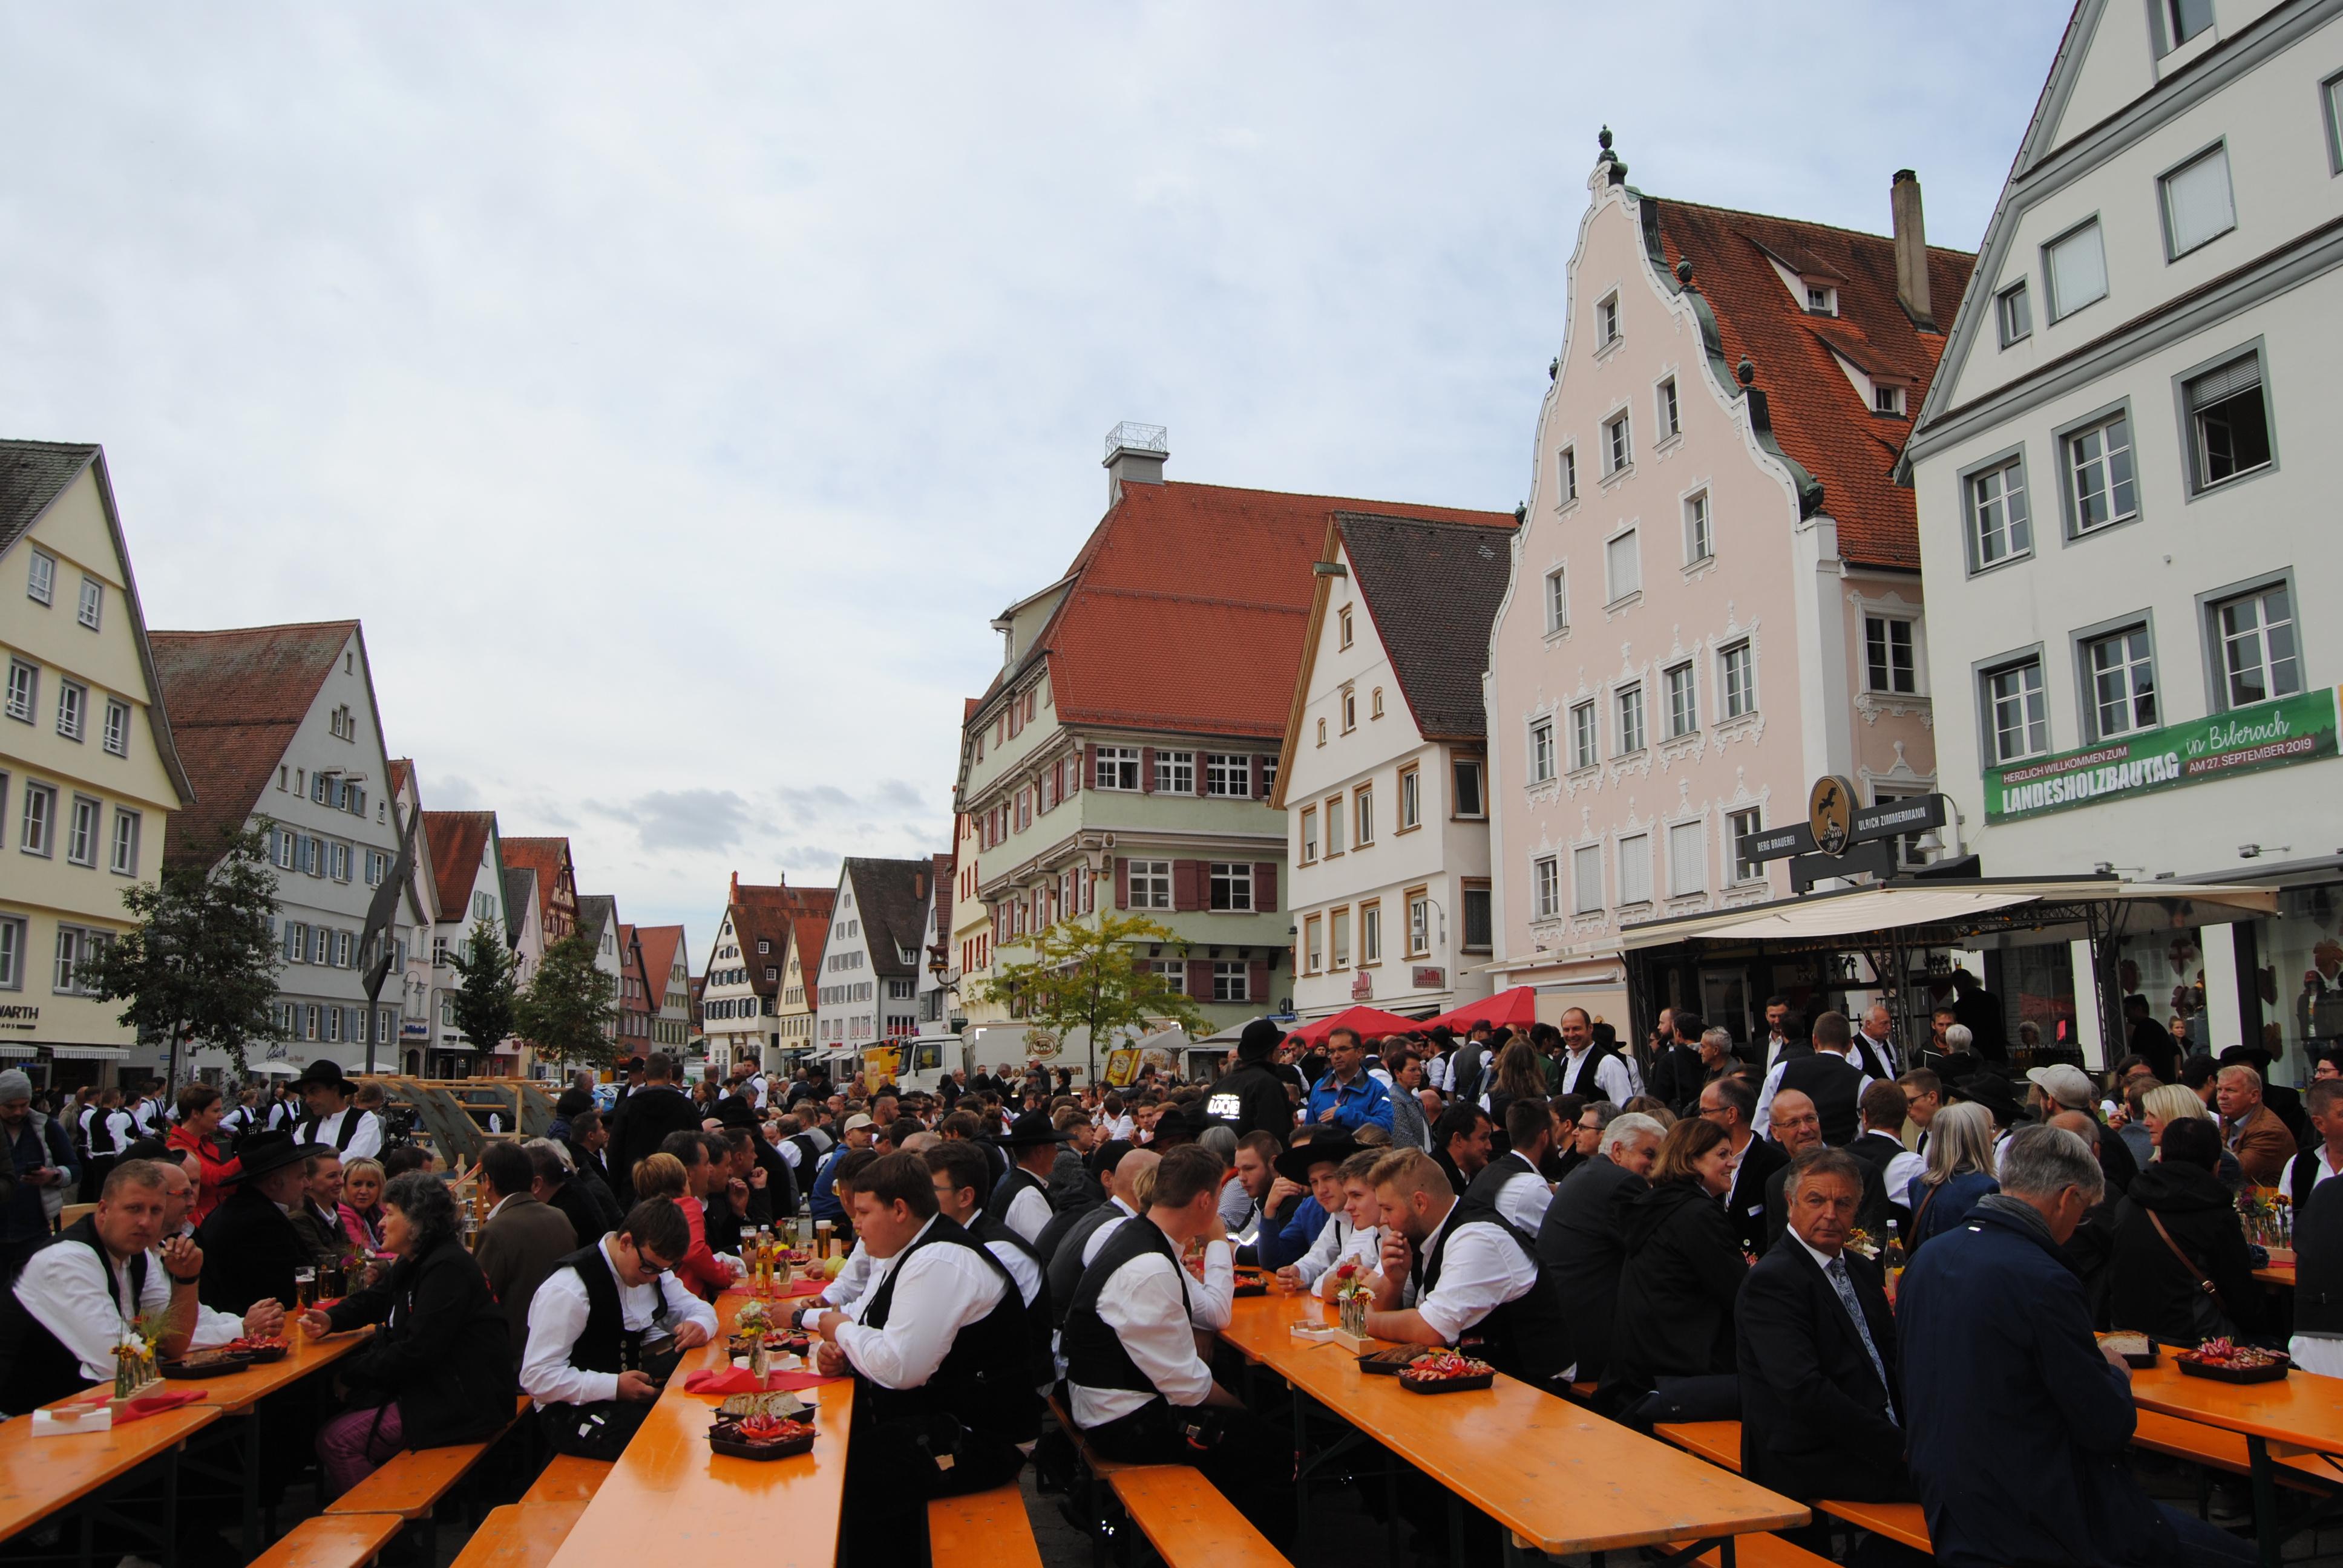 Marktplatz Biberach mit Bierbänken und Zimmererm